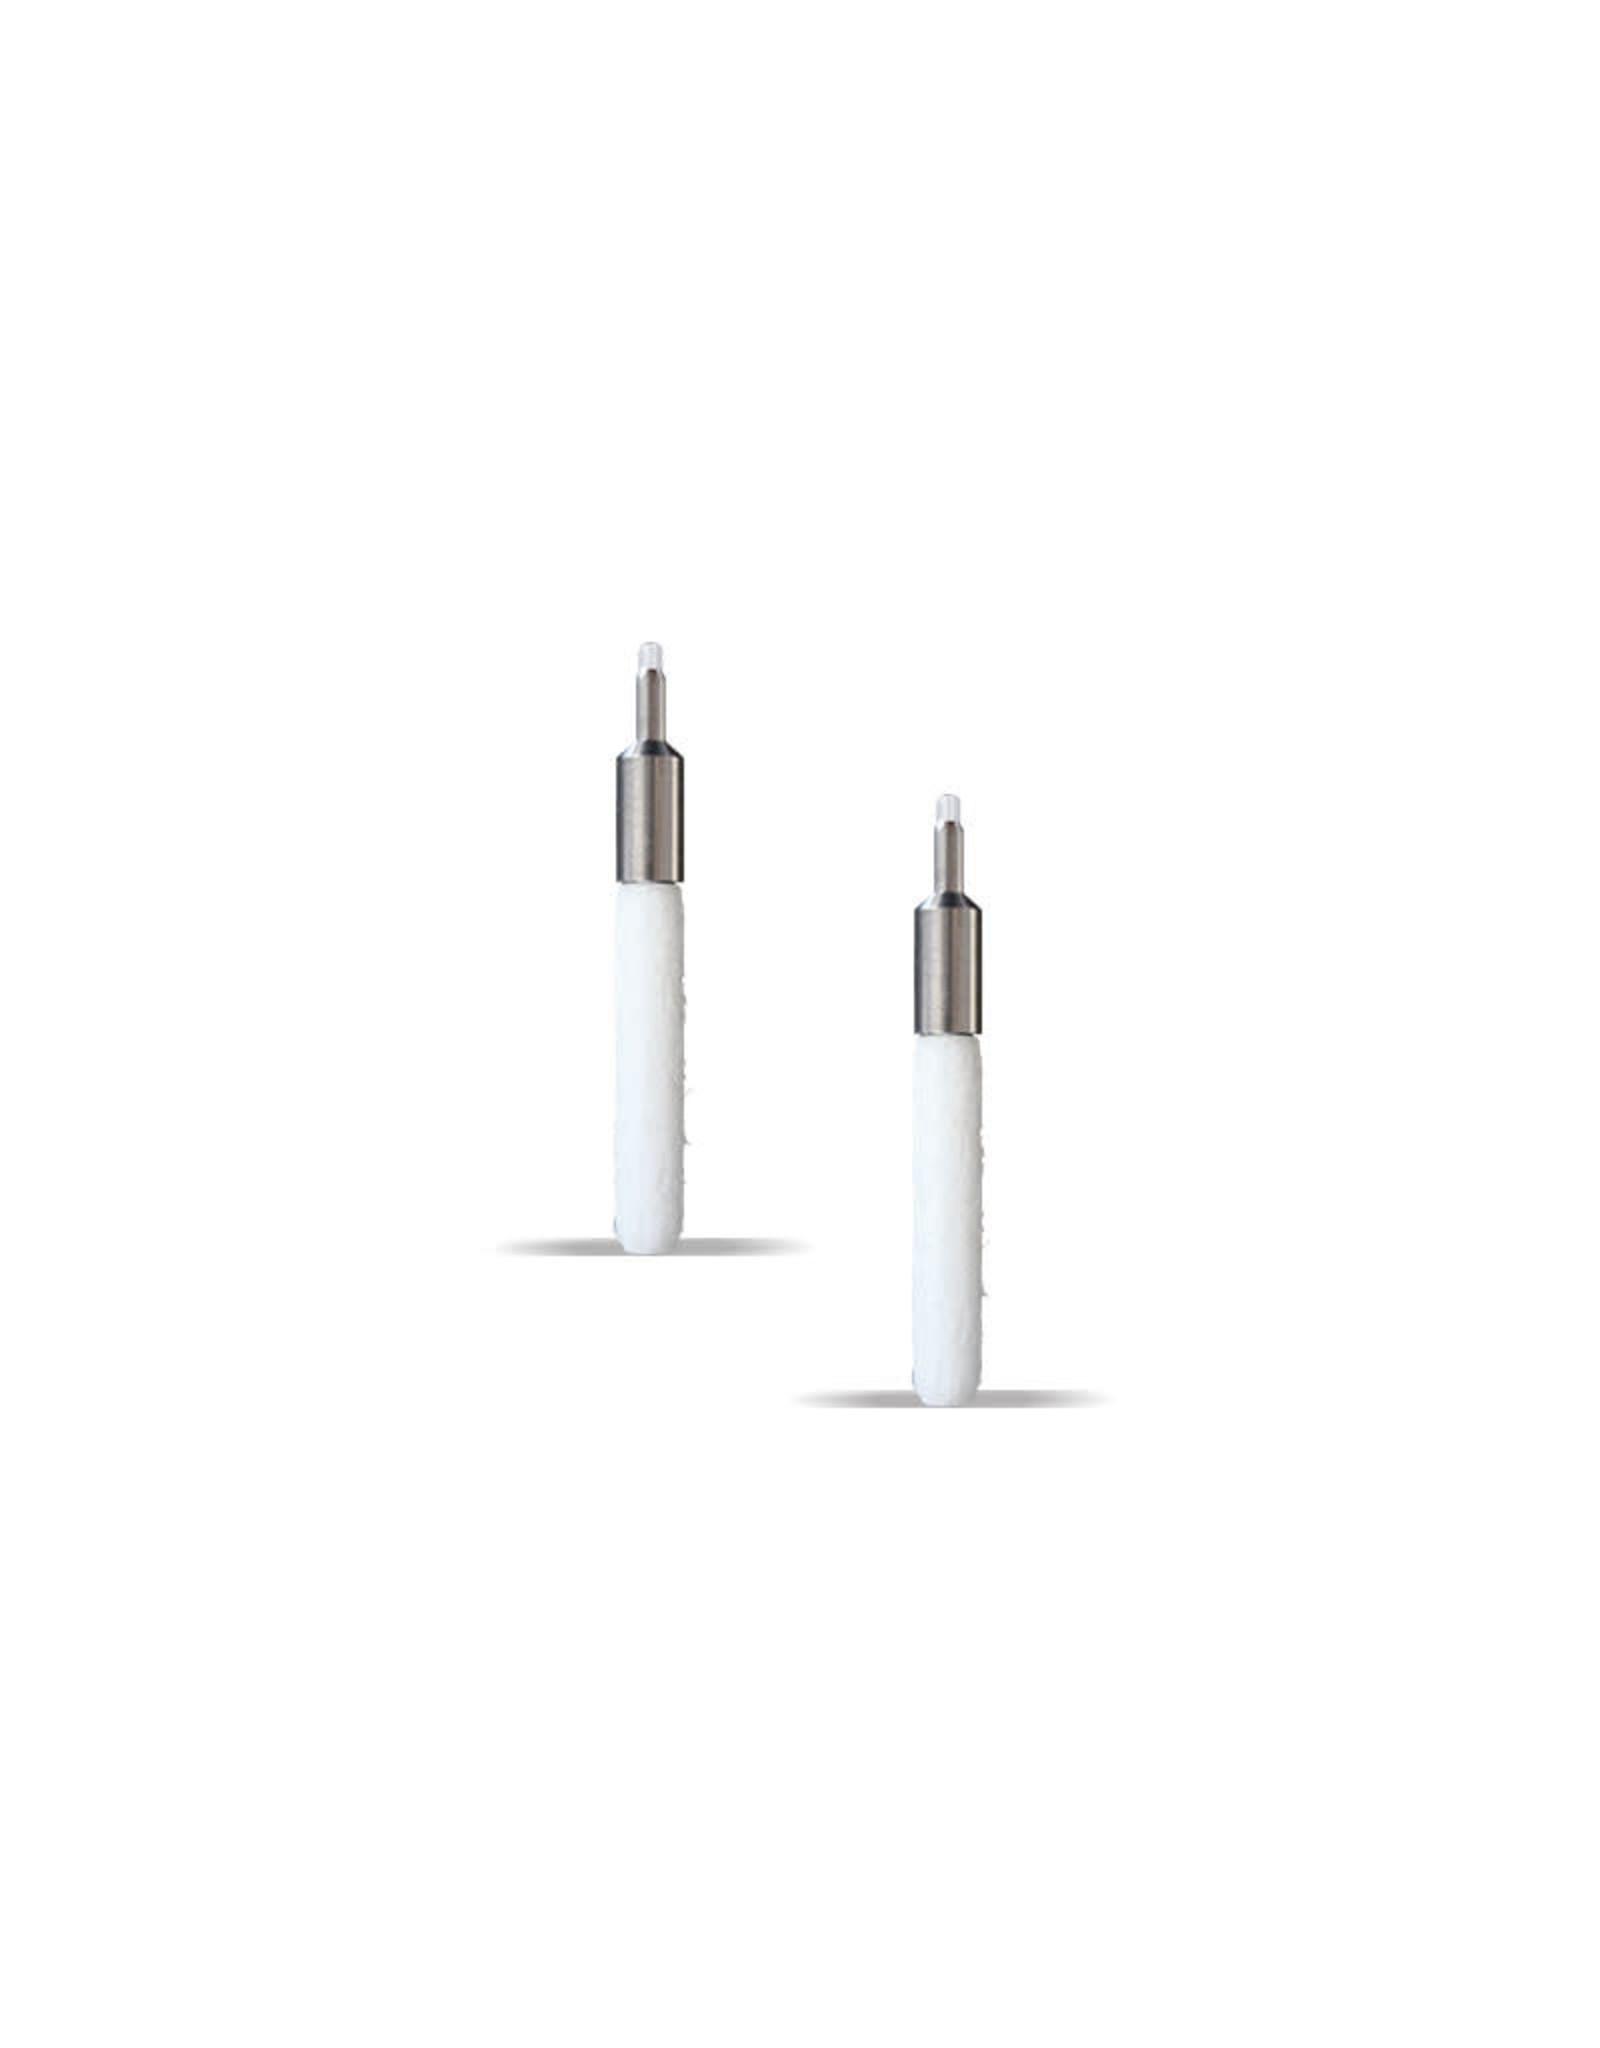 MOLOTOW MOLOTOW Specialtech Tip 1 mm (2 pcs)